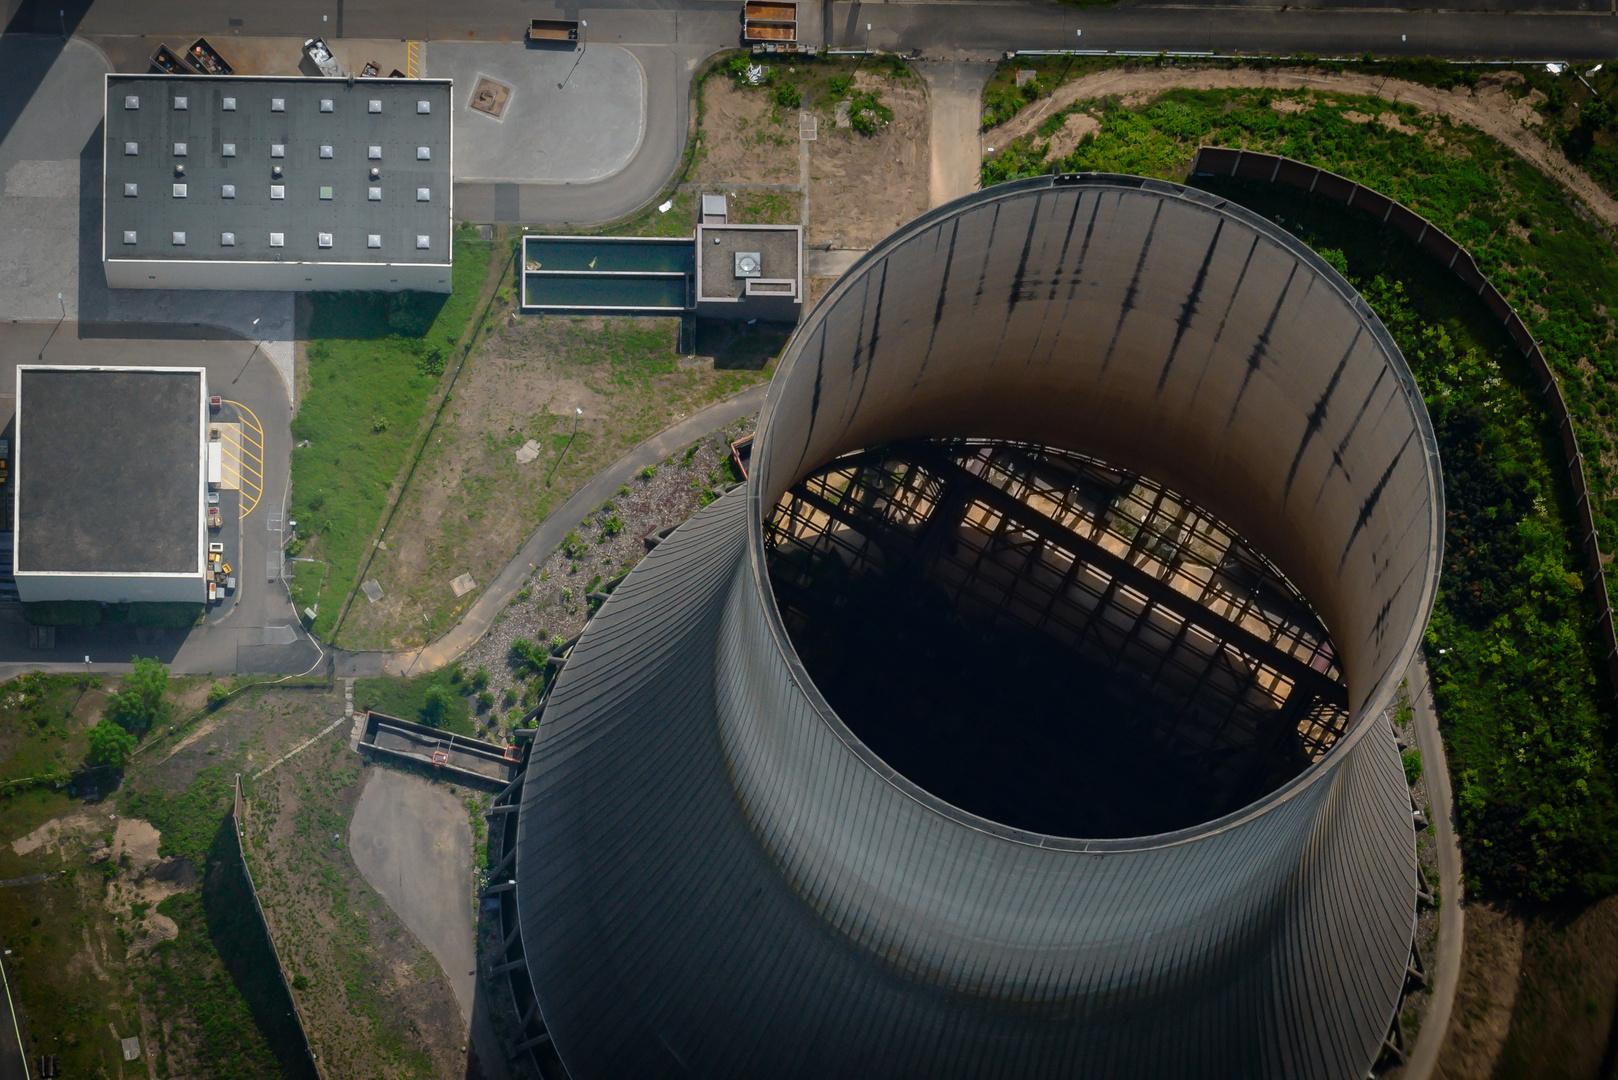 Atomruine Kernkraftwerk Mulheim Karlich Foto Bild Architektur